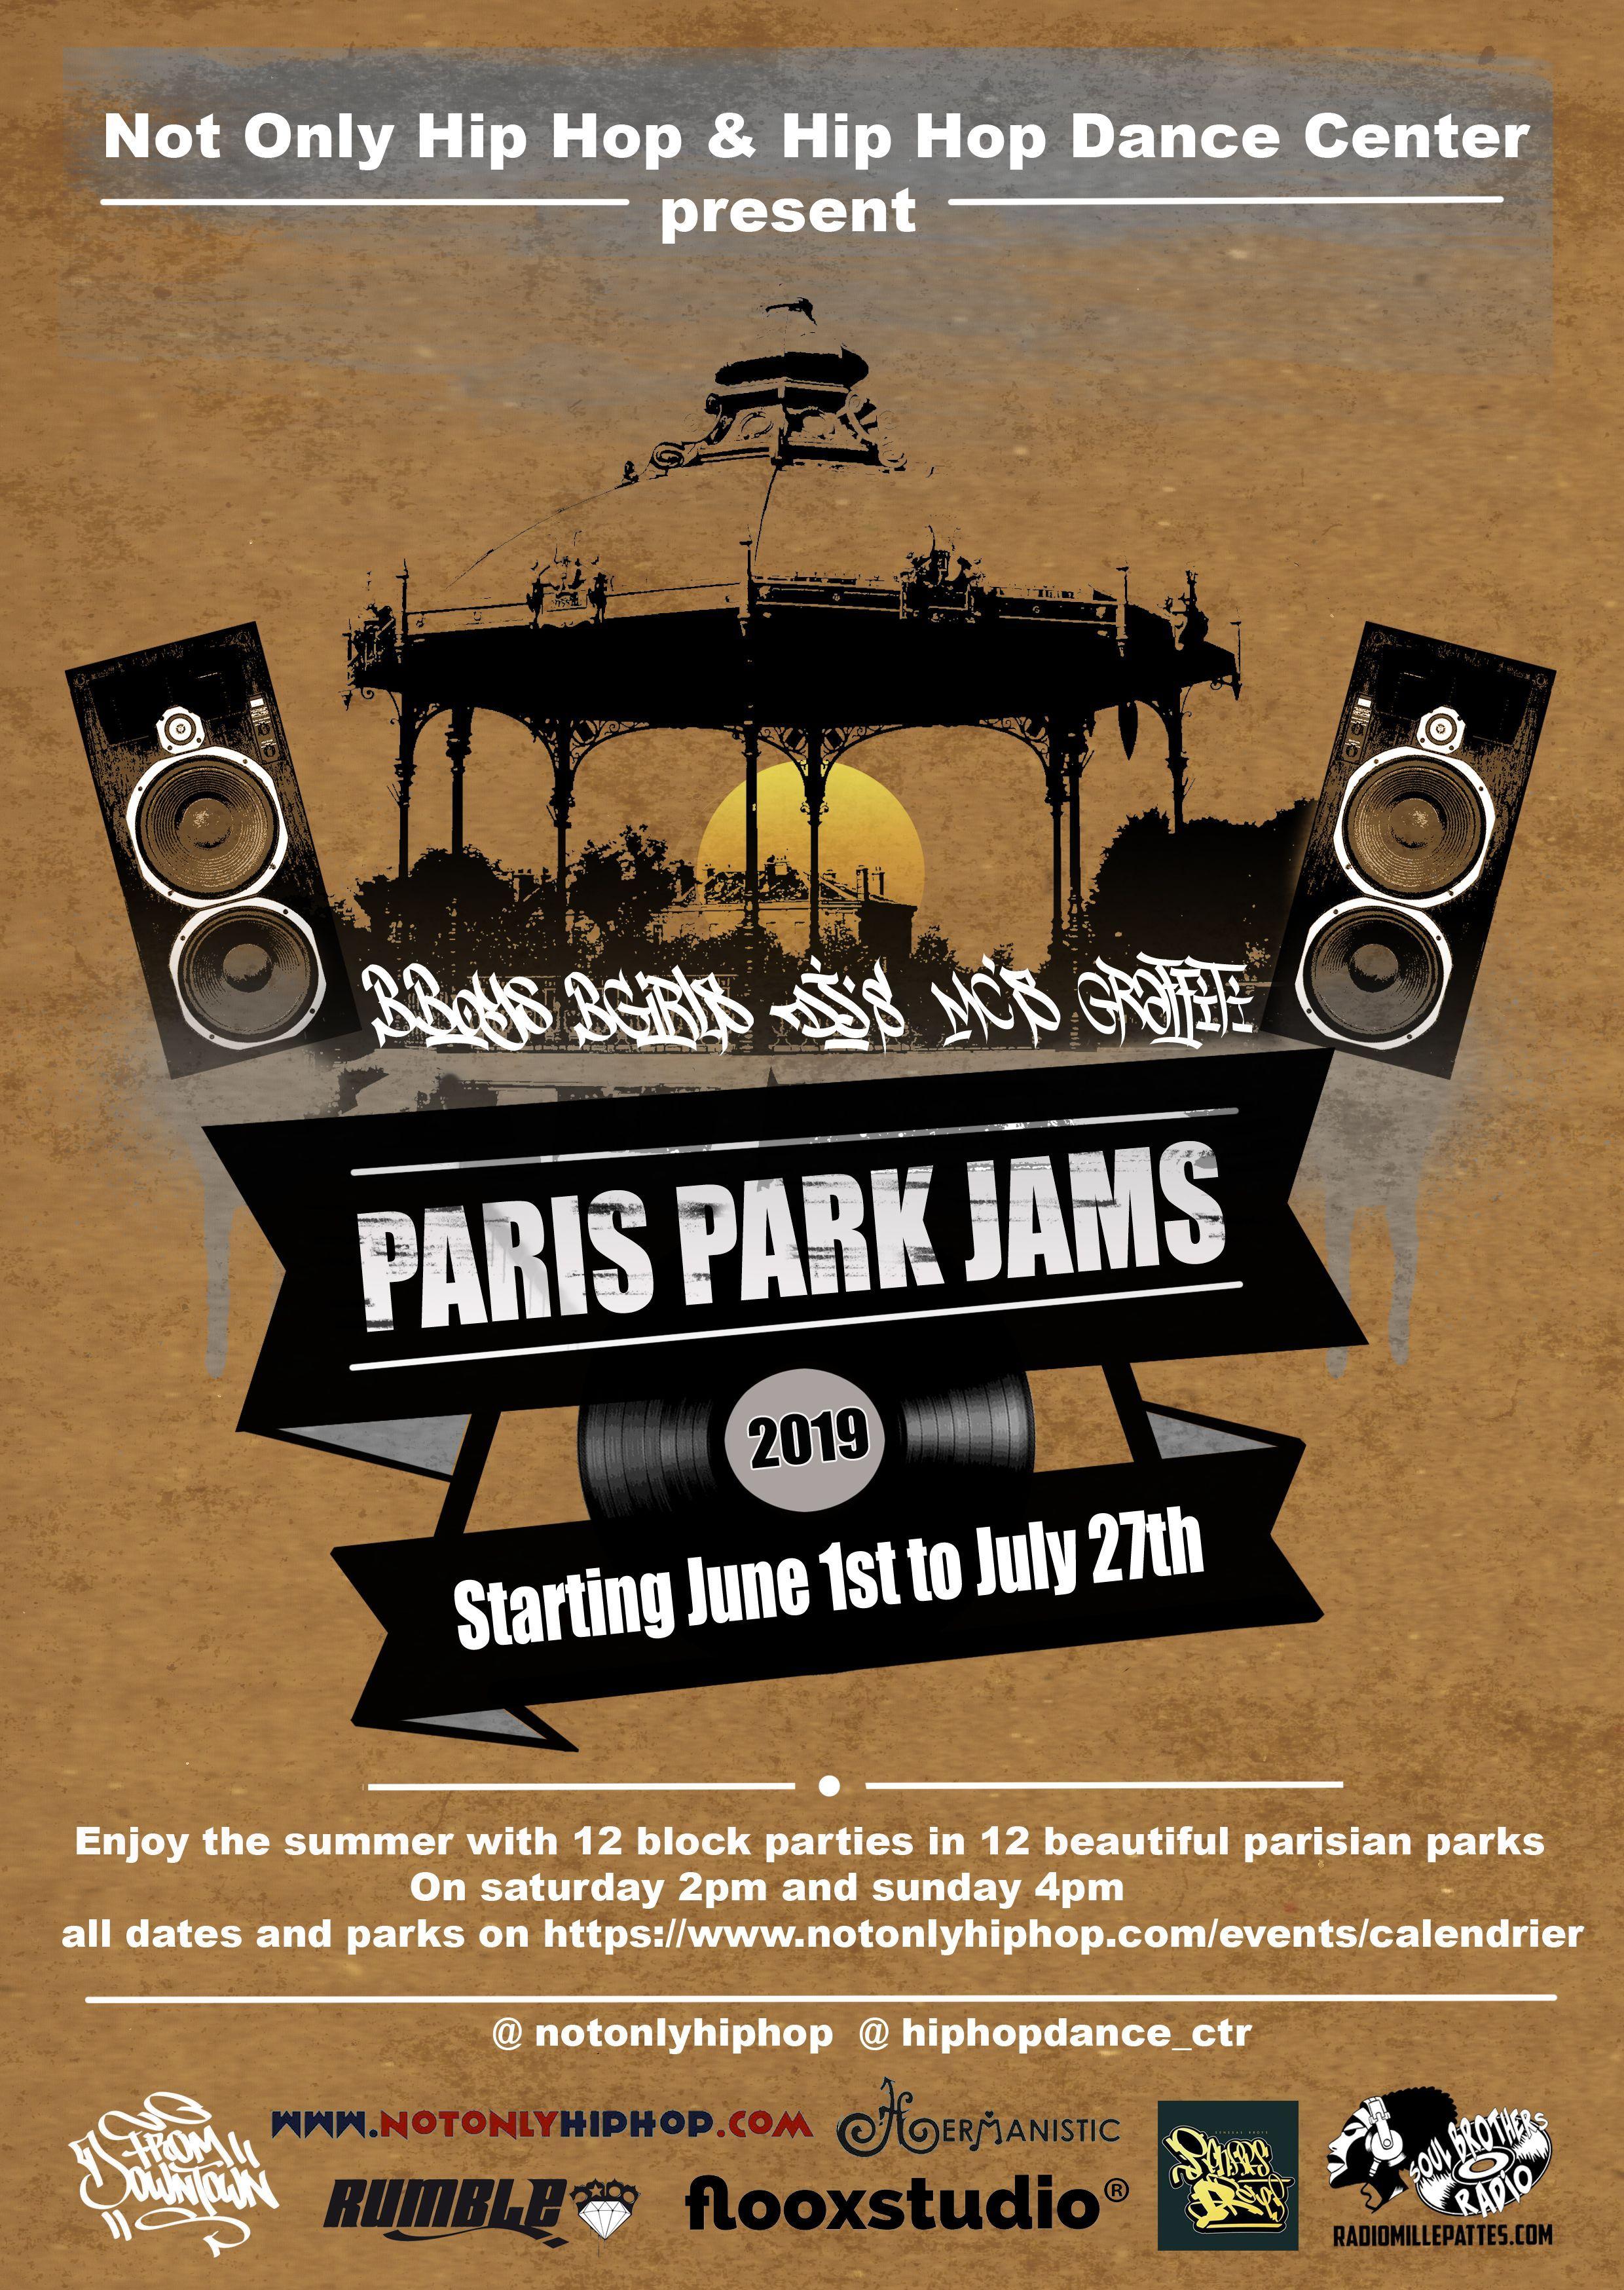 Paris Park Jams Flyer Flyer De L Evenement Paris Park Jams Qui A Eu Lieu Du 1er Juin Au 27 Juillet Dans Les Kiosques A Musique Parisie Hip Hop Flyer Paris